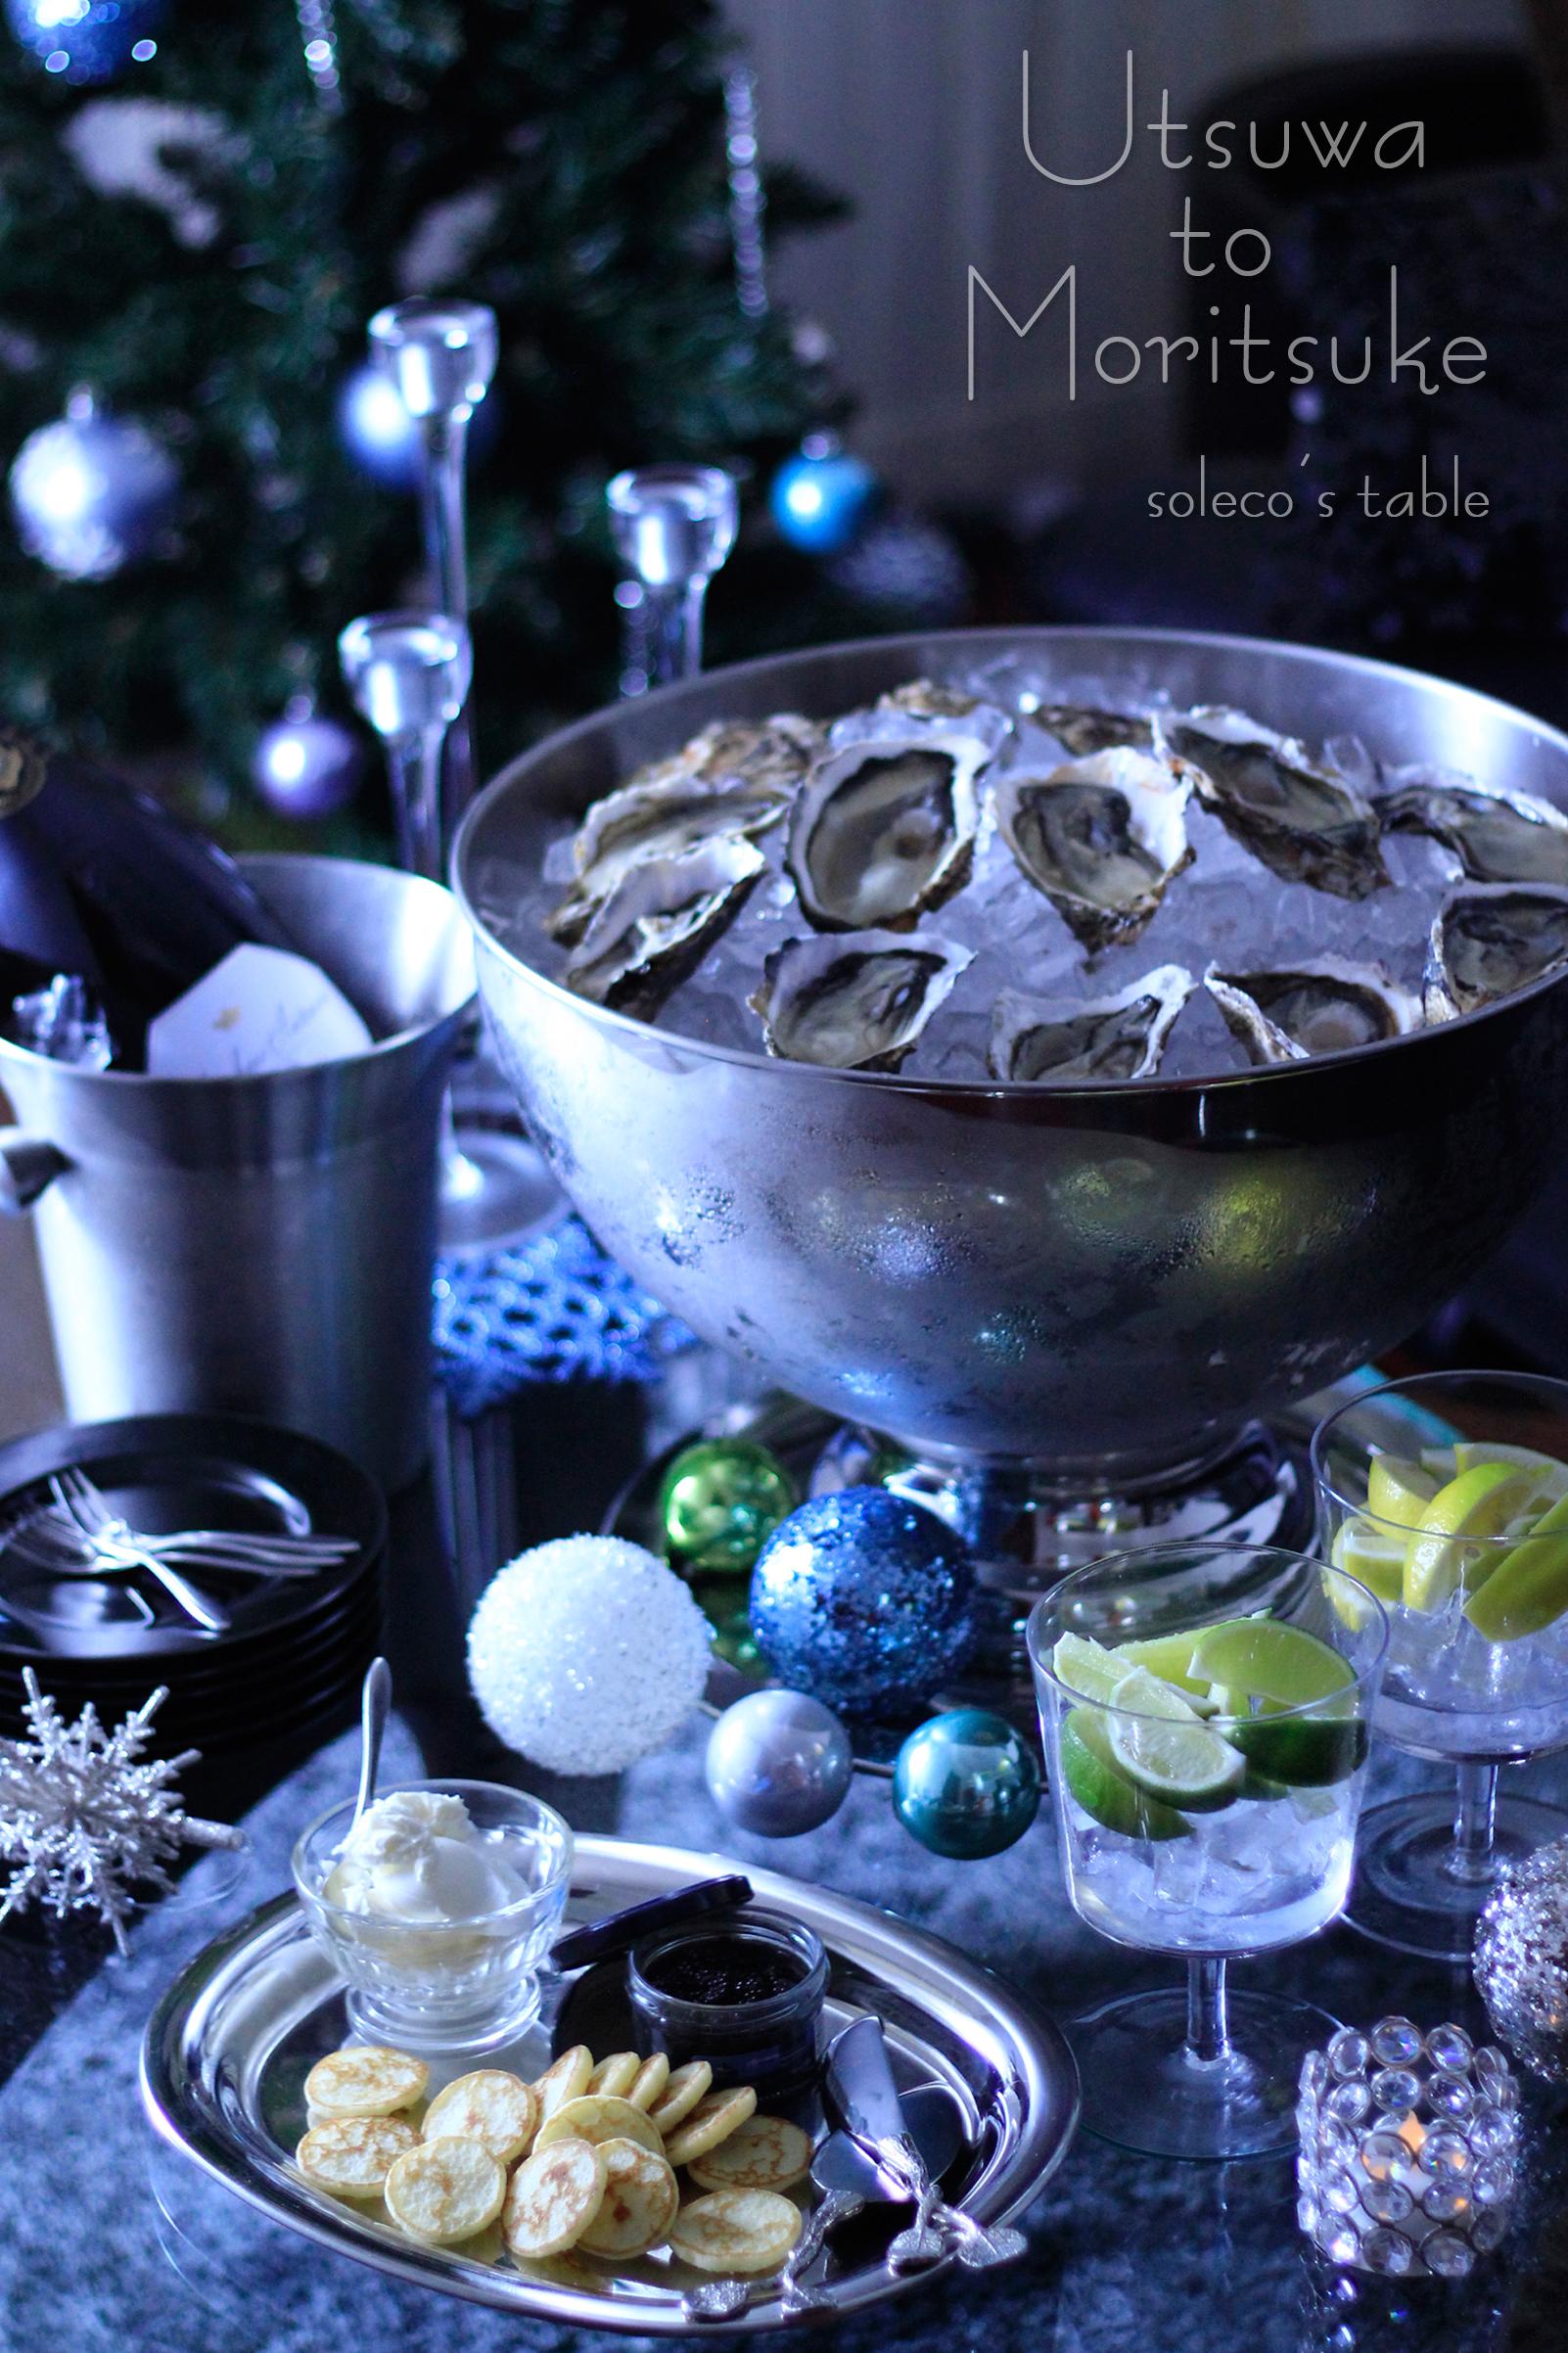 2017.12.7ブルークリスマス写真⓶.